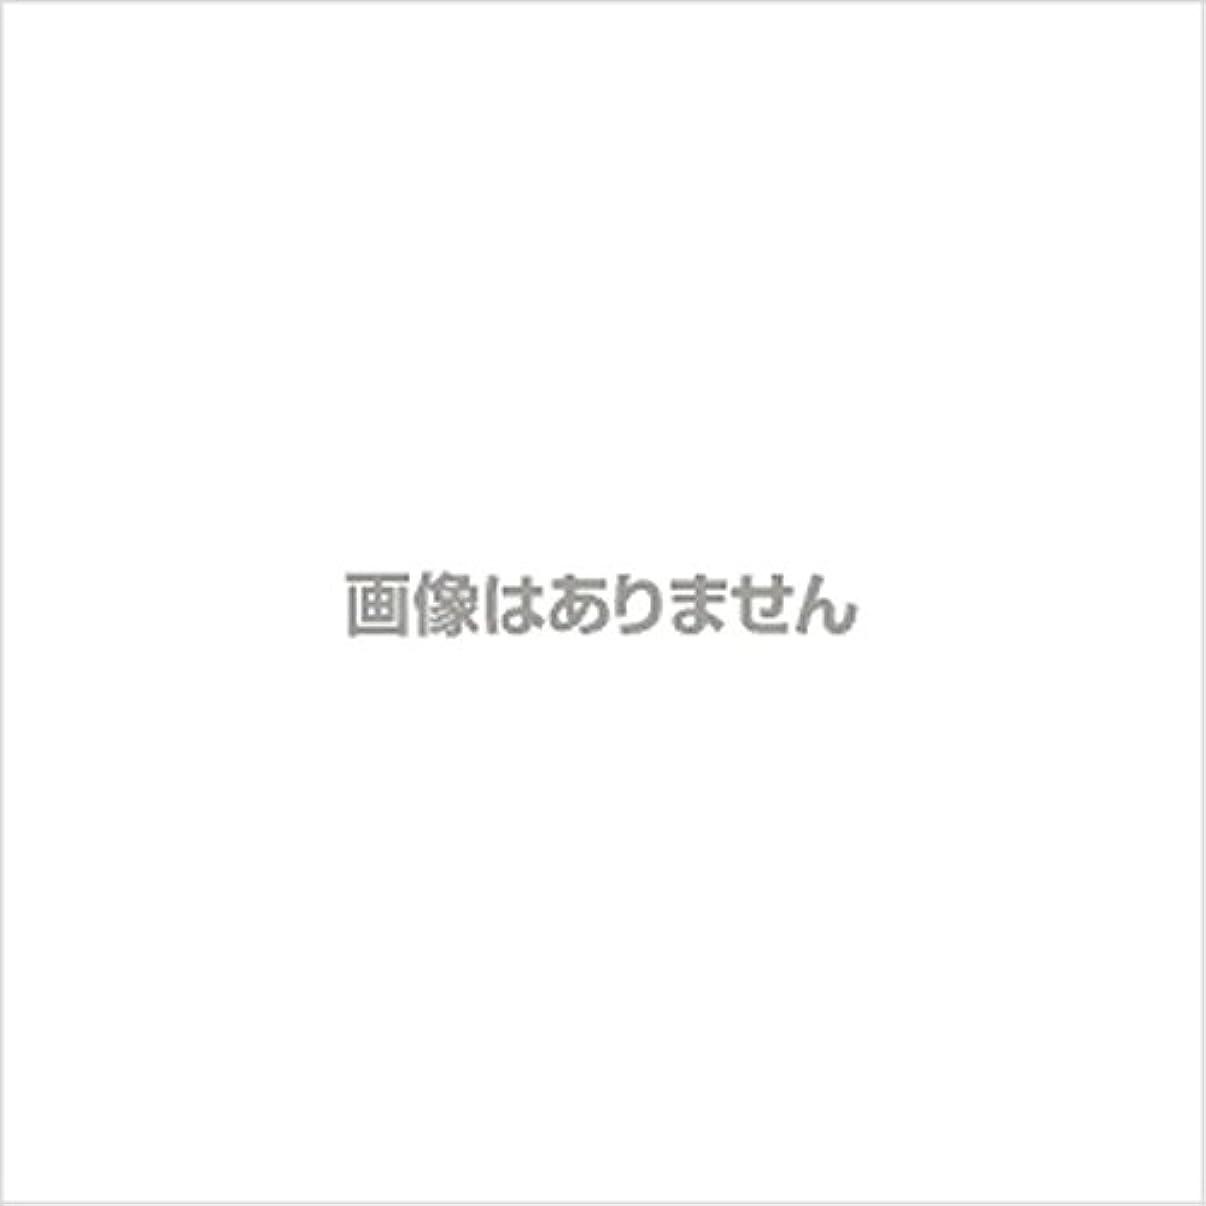 戦略カバーためらう【新発売】EBUKEA エブケアNO1004 プラスチックグローブ(パウダーフリー?粉なし)Sサイズ 100枚入(極薄?半透明)